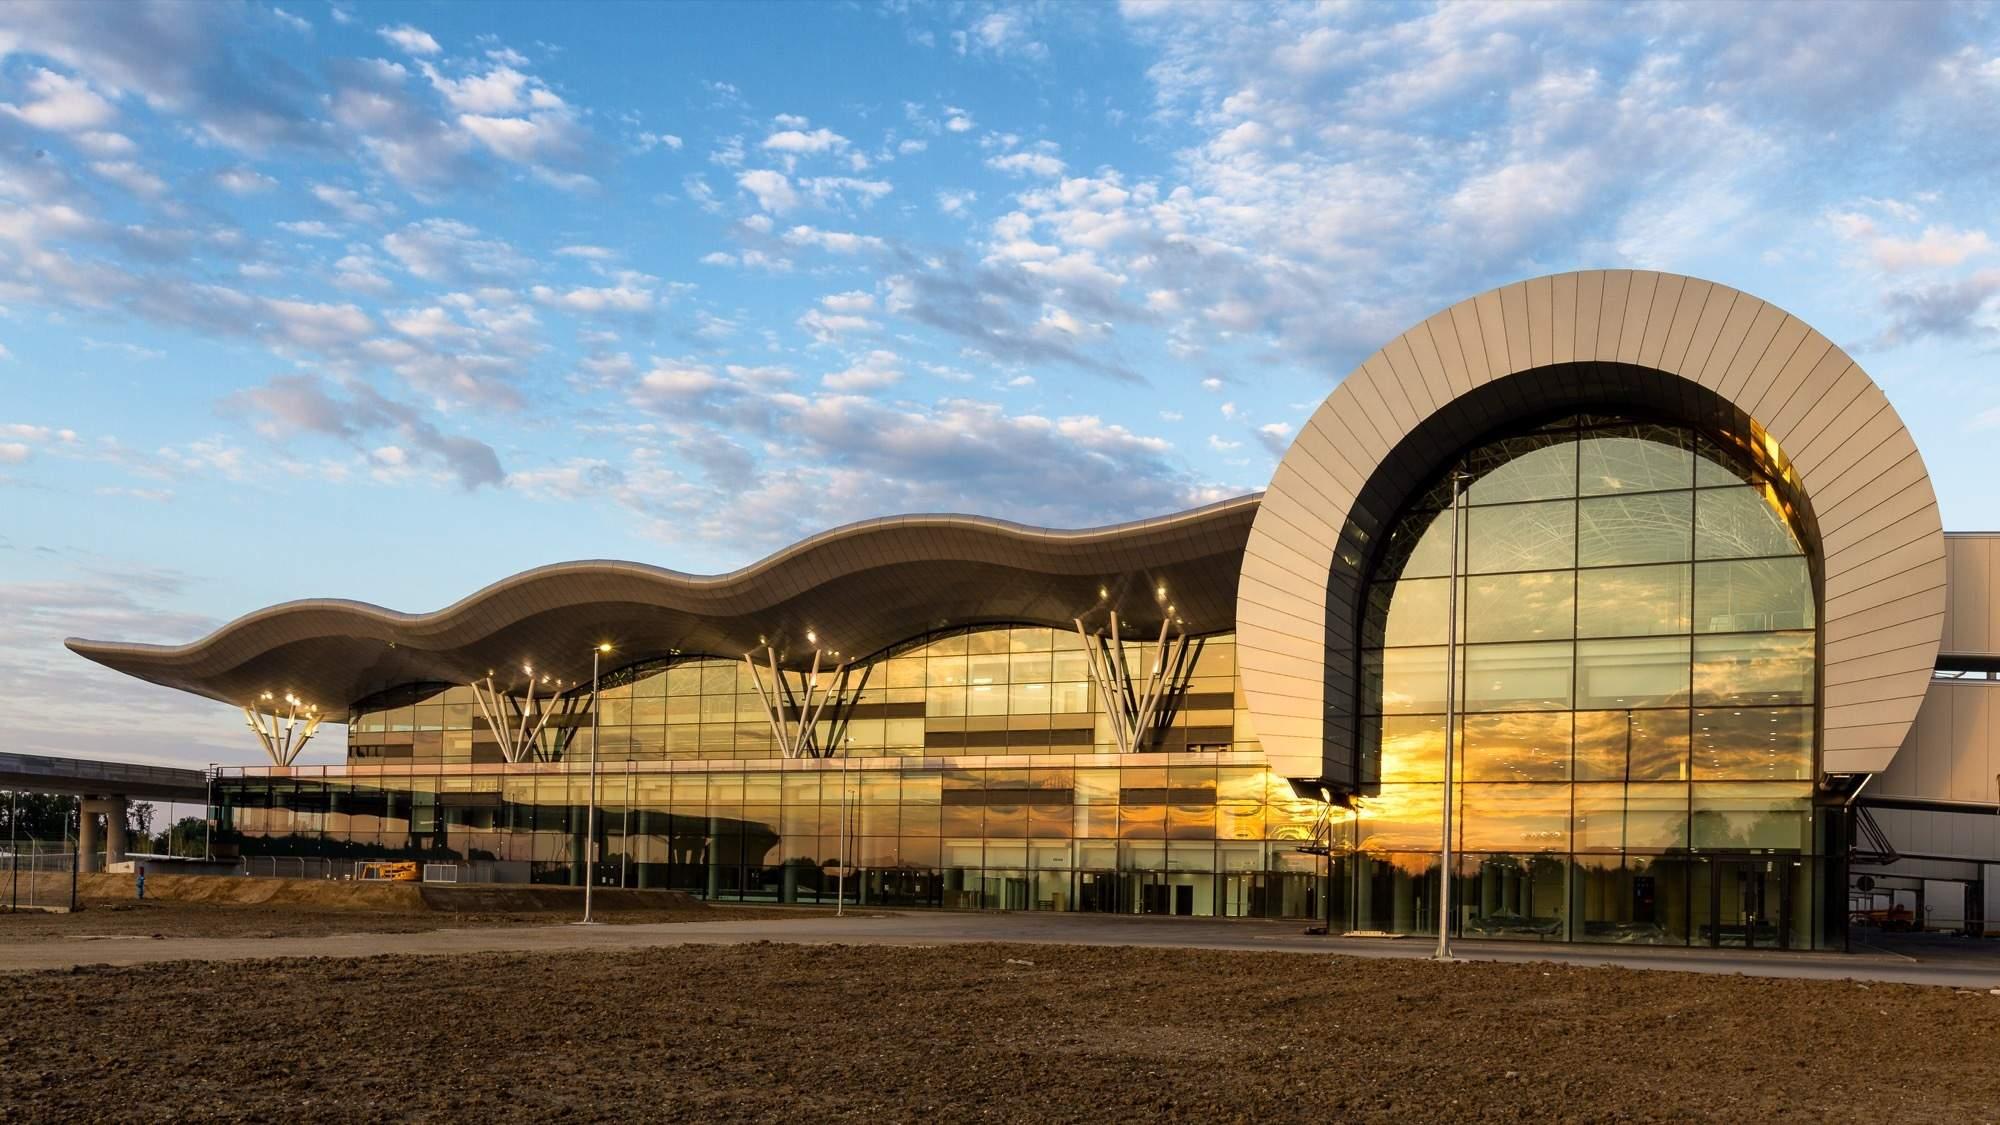 Новый терминал аэропорта в Загребе, Хорватия